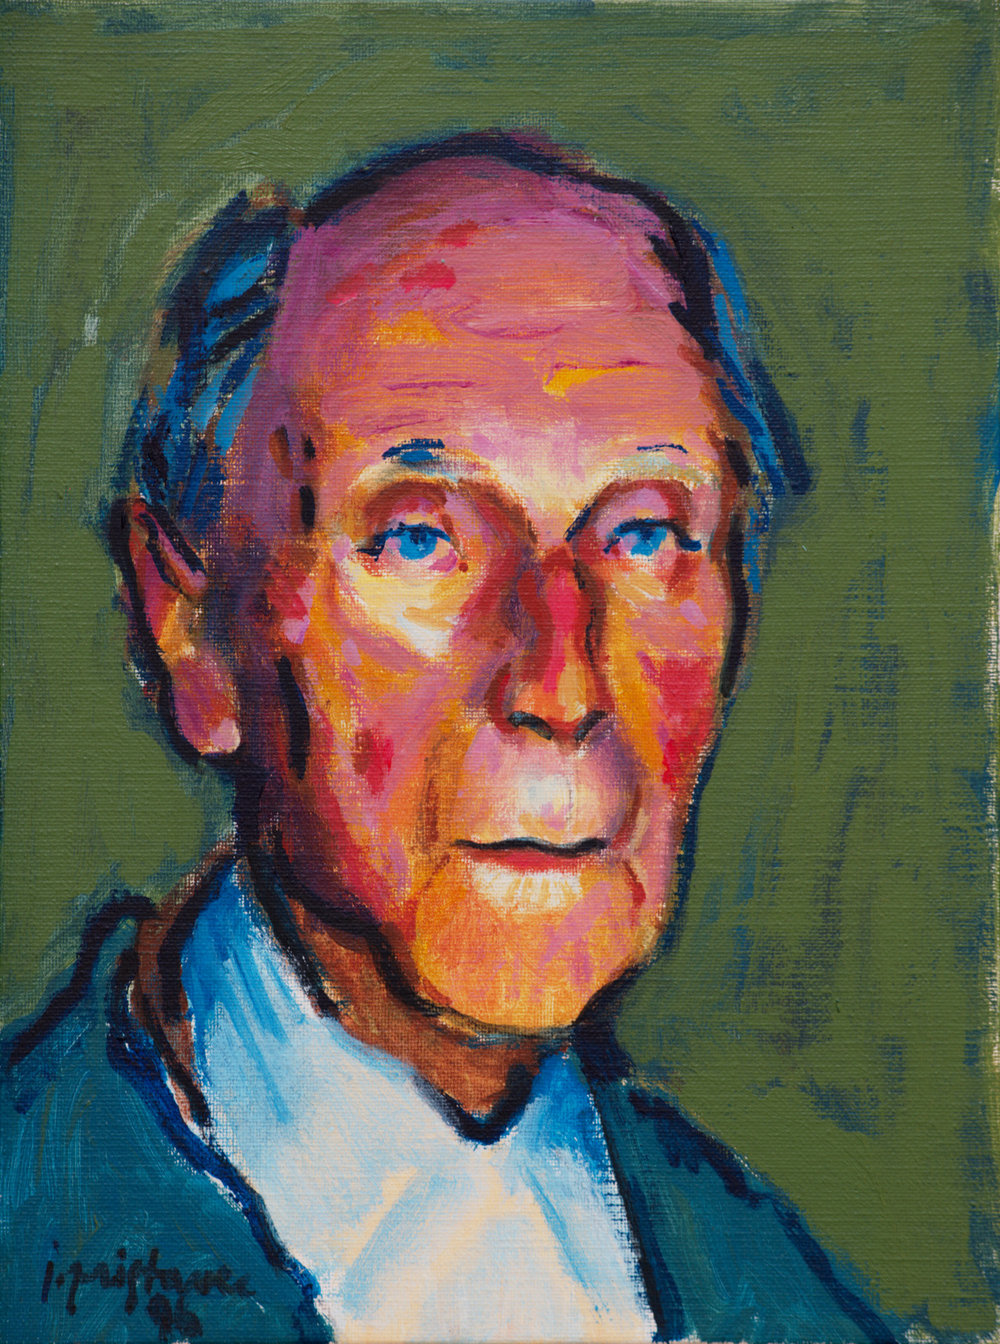 1996_portrait_30x40cm_Stukelj.jpg